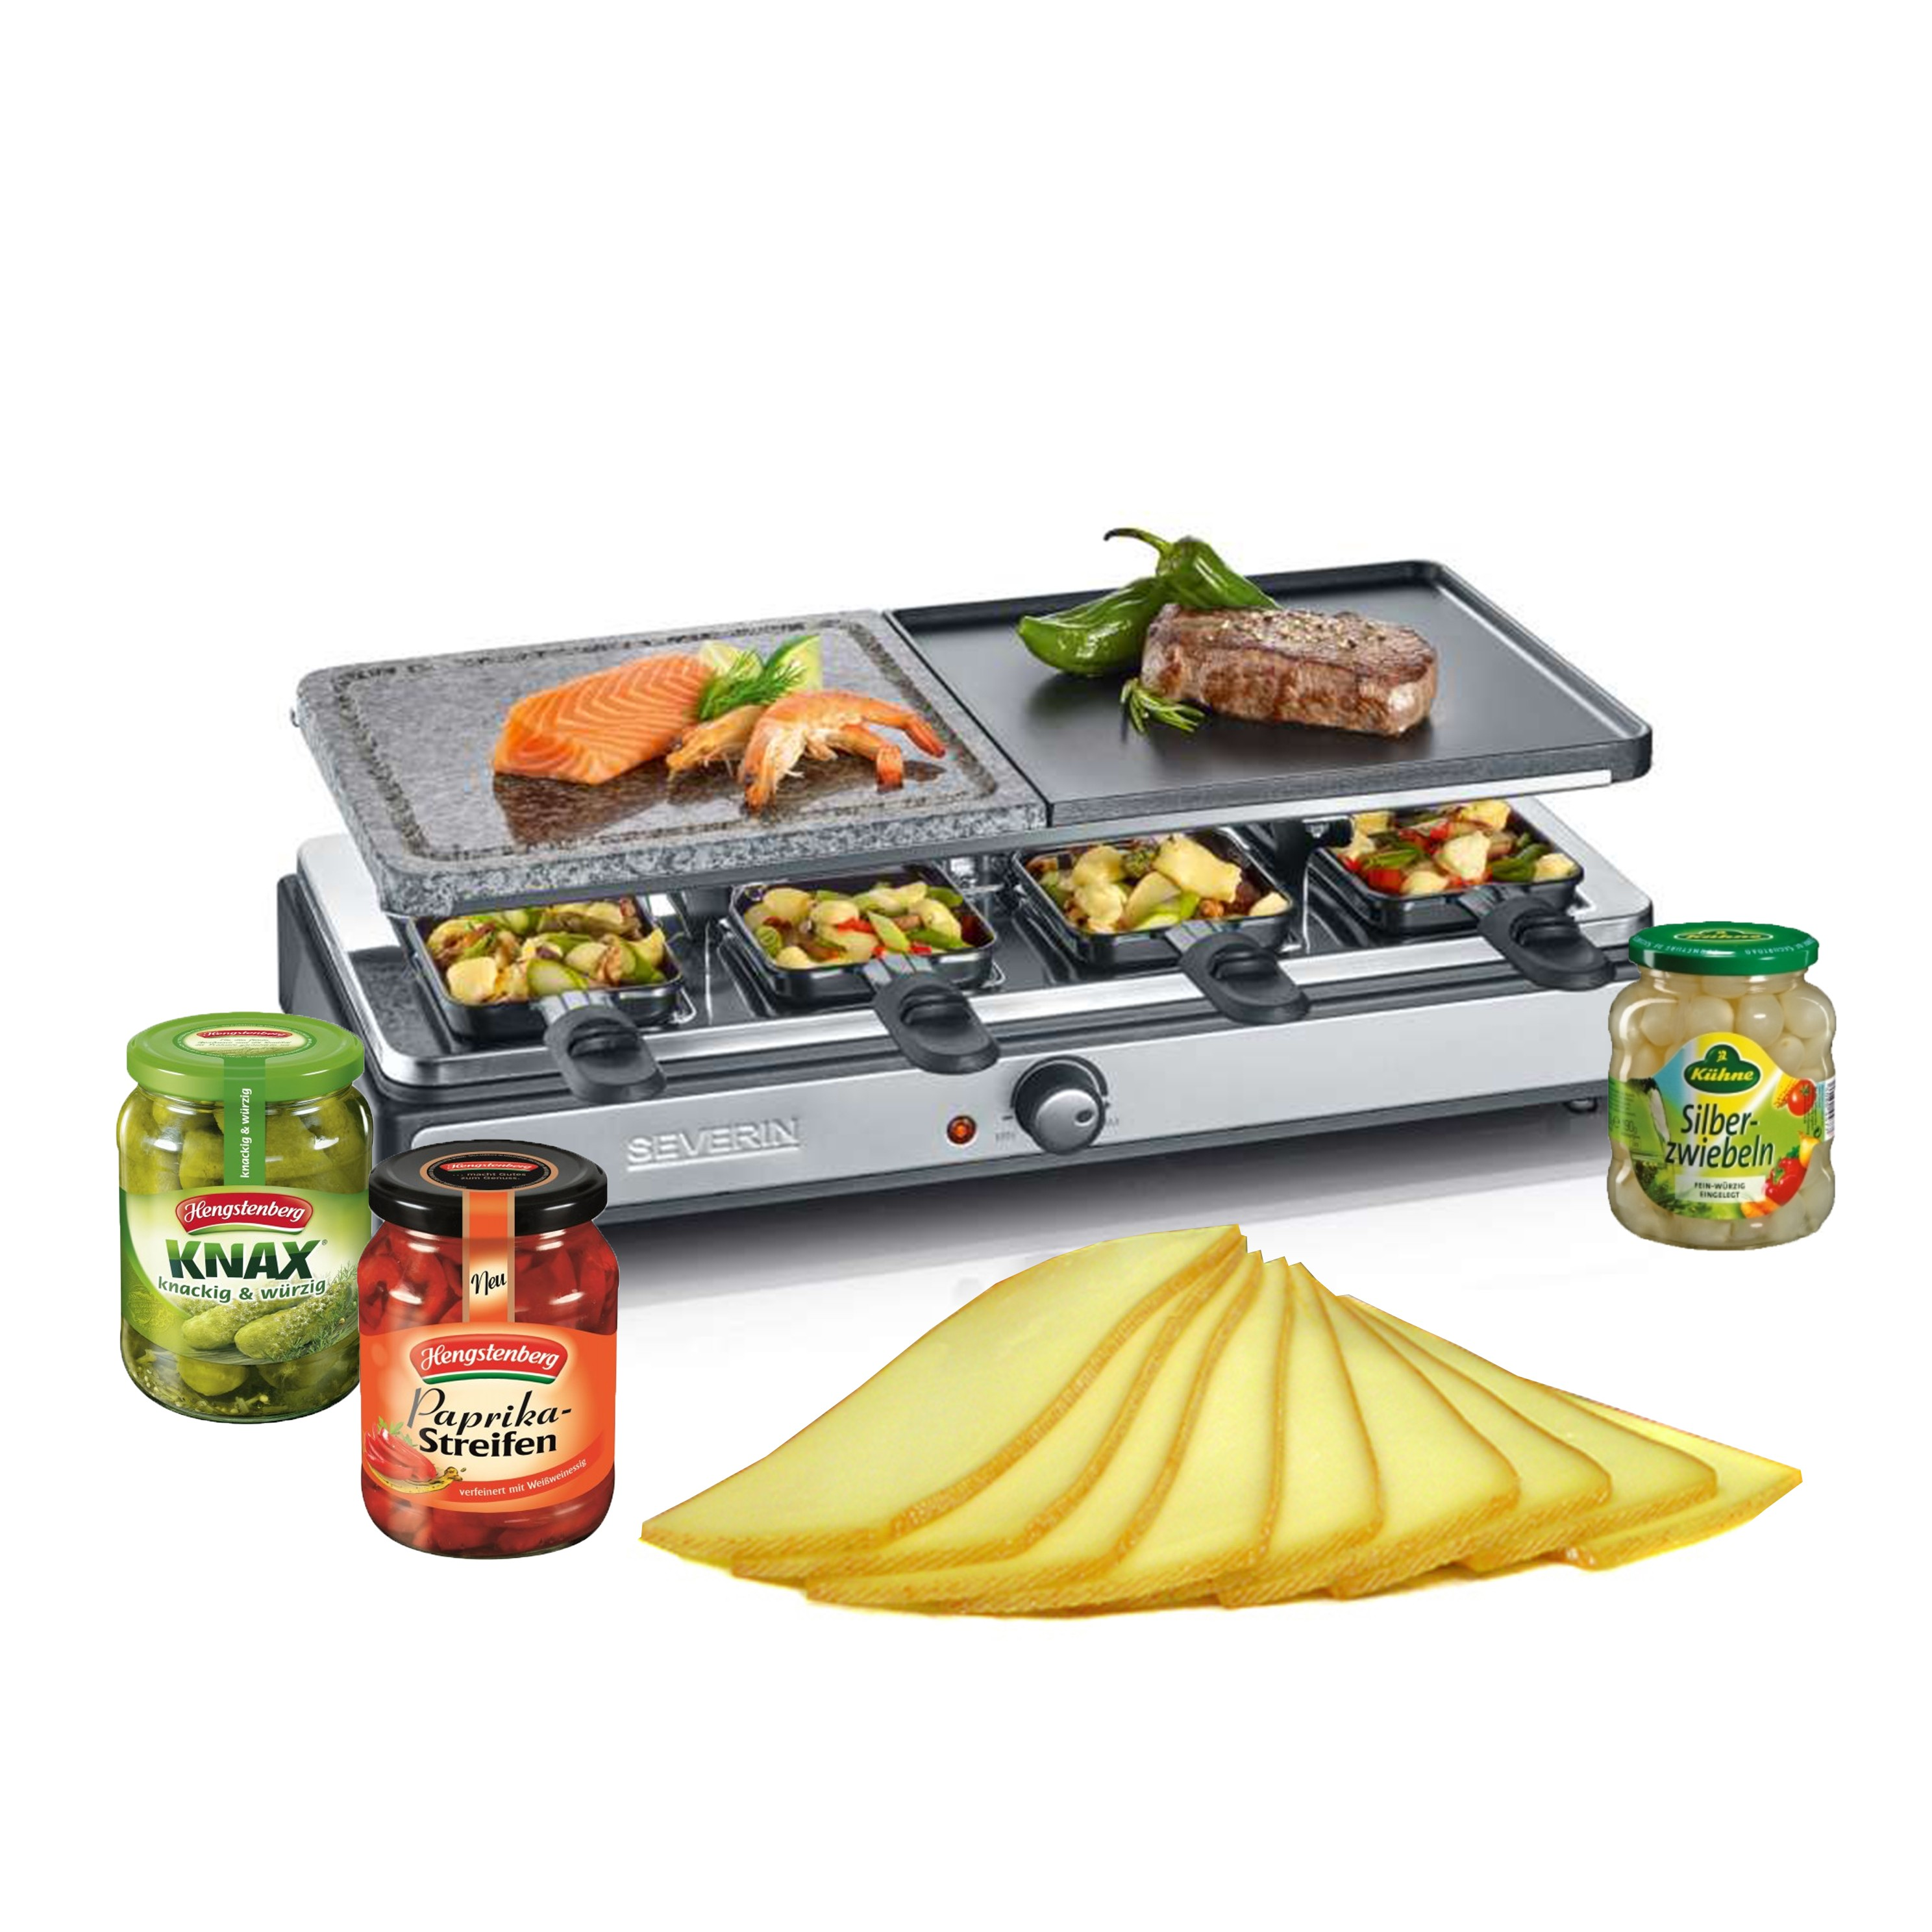 Raclette-Set mit Zutaten